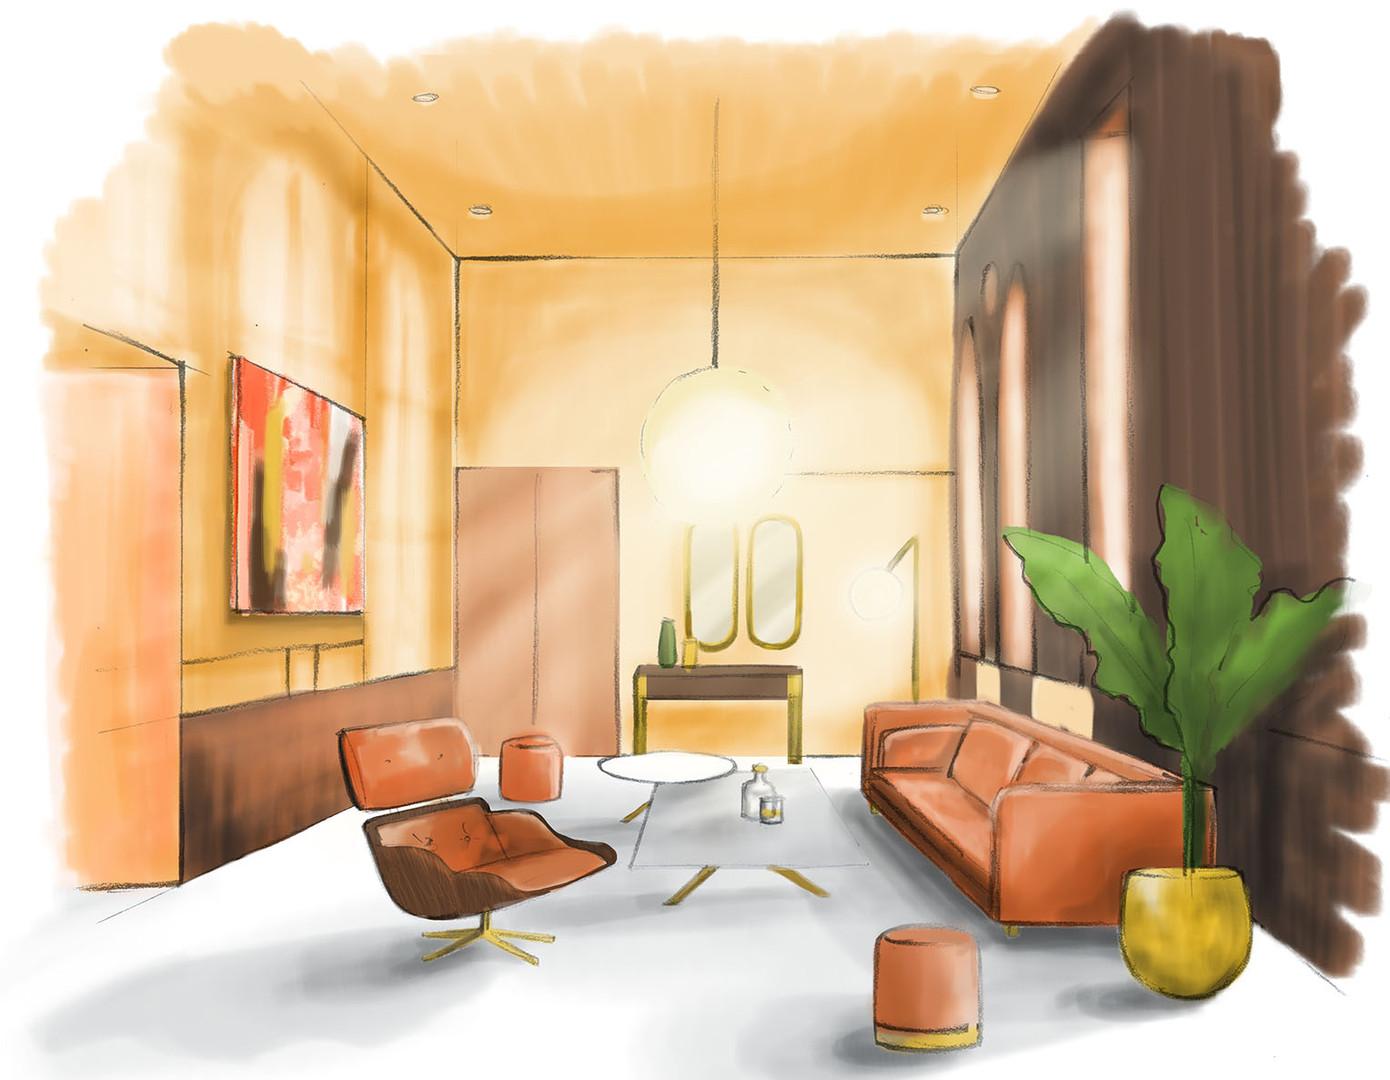 Elegance decoration d'un lounge-balsan